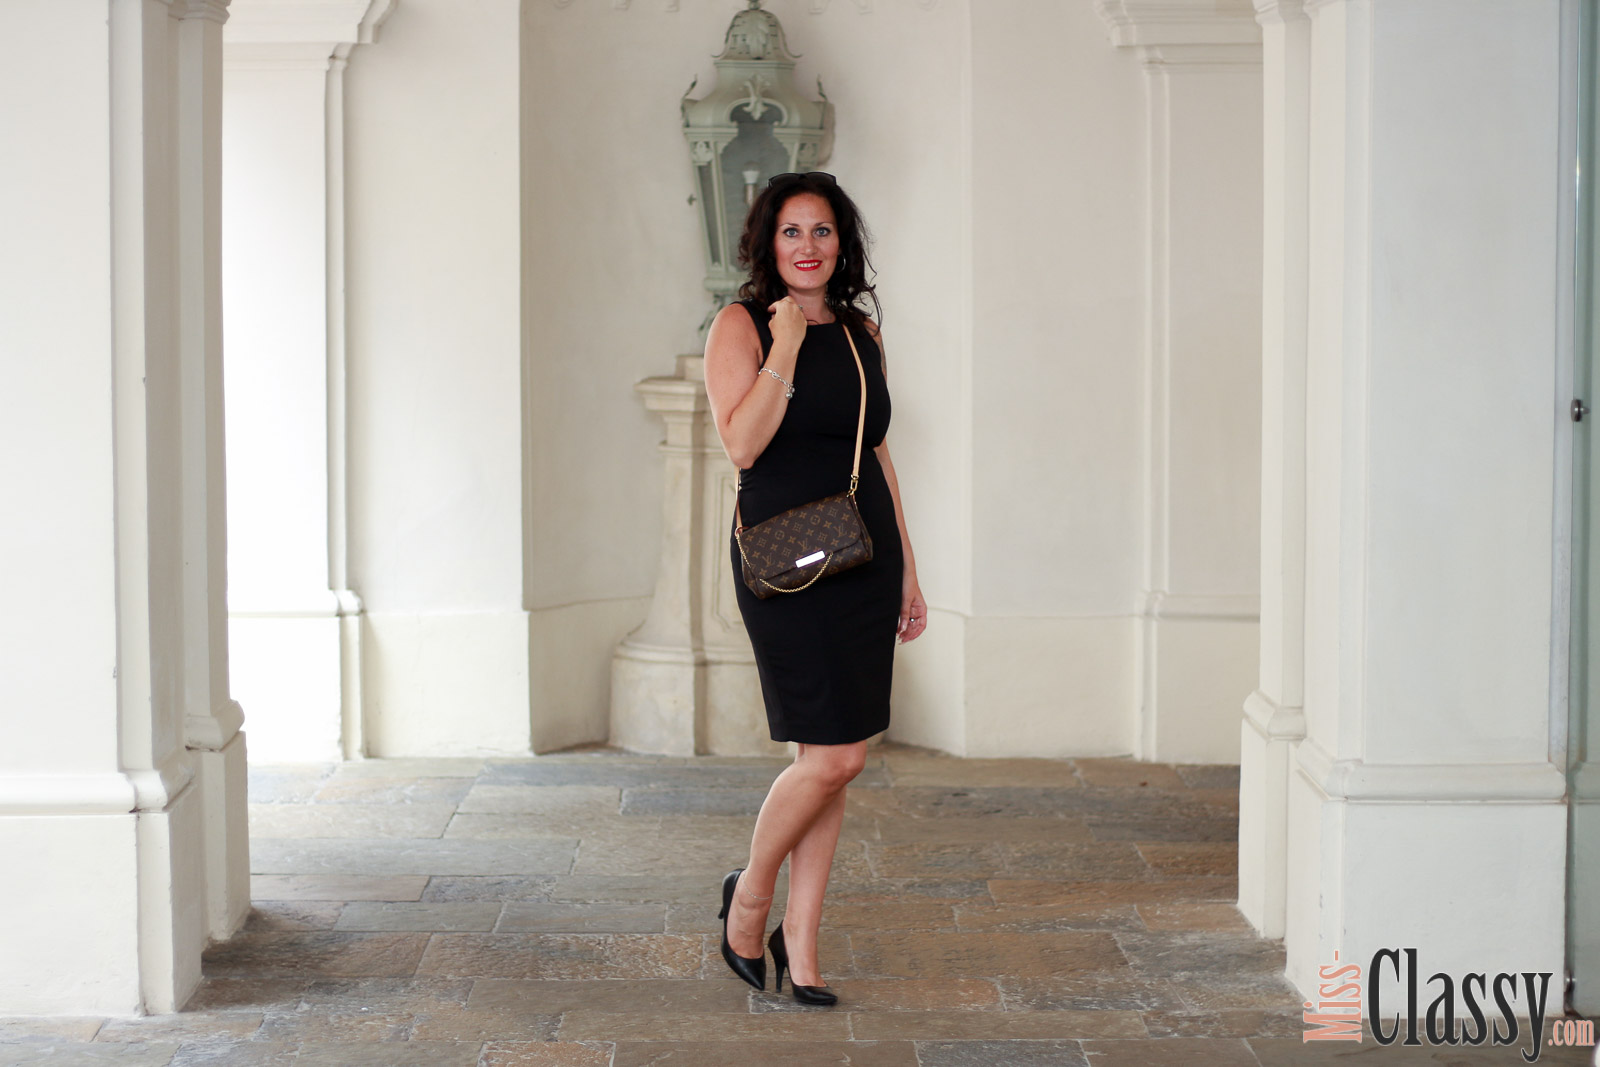 OUTFIT Elegant und Classy - Das kleine Schwarze - 4Stylez4U, Miss Classy, miss-classy.com, Fashionblog, Fashionblogger, Fashionblog Graz, Lifestyle Blog Graz, Lifestyleblog, Graz, Steiermark, Österreich, classy, beclassy, classy Fashion, edel, rassig, stilvoll, nobel, elegant, Outfit, Style, Fashion, Mode, OOTD, Lippenstift MAC, MAC Cosmetics, High Heels, Pumps, Das kleine Schwarze, Kleid, elegantes Kleid, H&M, Louis Vuitton, Favroite von Louis Vuitton, Clutch, Sonnenbrille Burberry, Ring Swarovski, Blogparade, 4Stylez4U